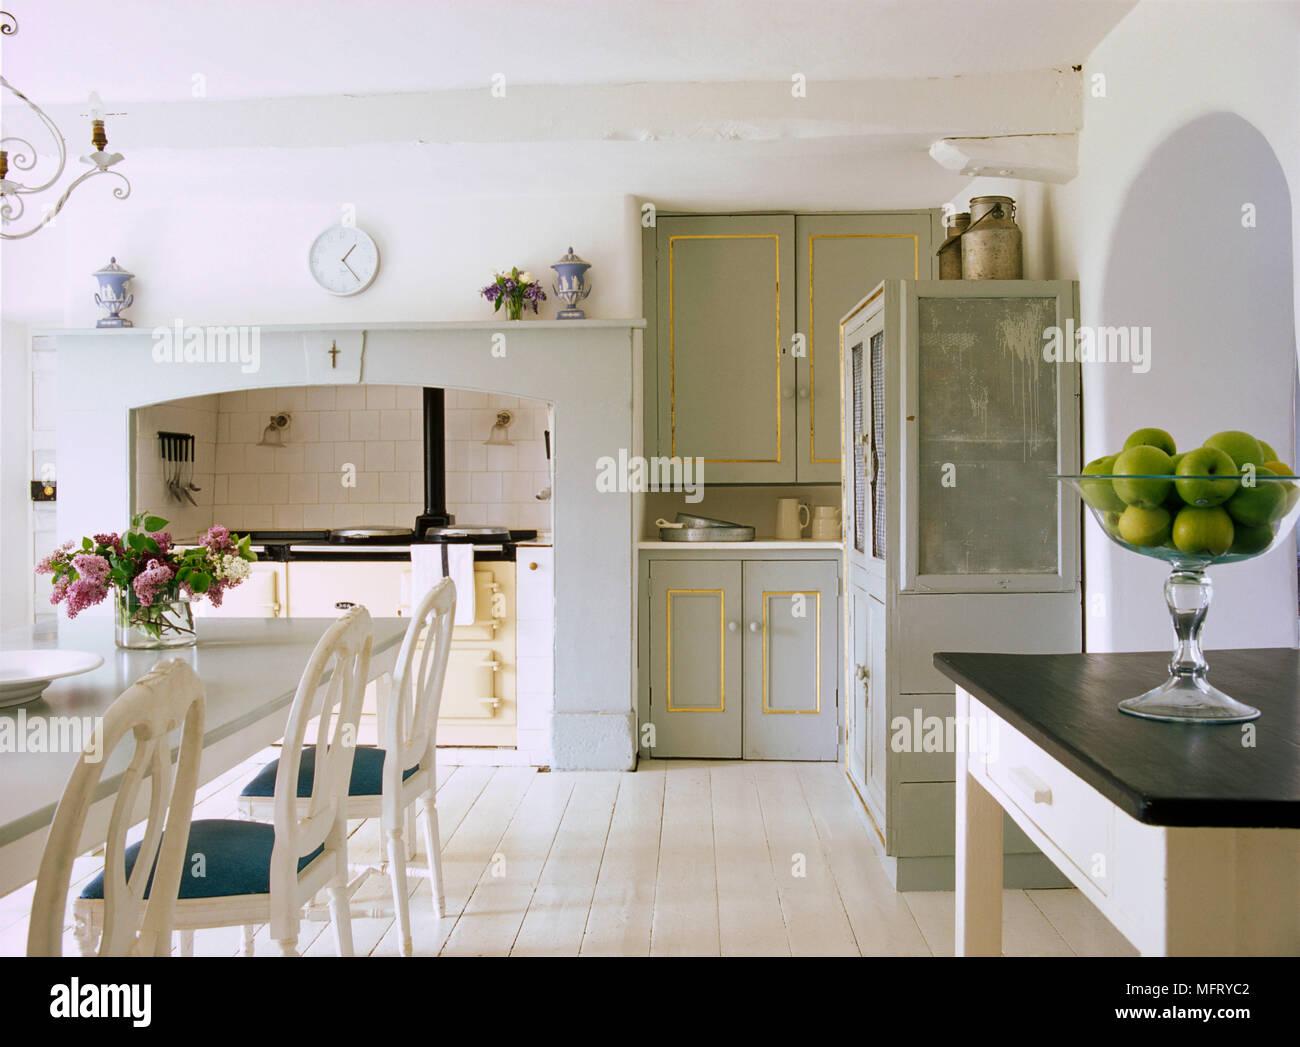 Excepcional Mesa De La Cocina Pintada Y Sillas Galería - Ideas de ...